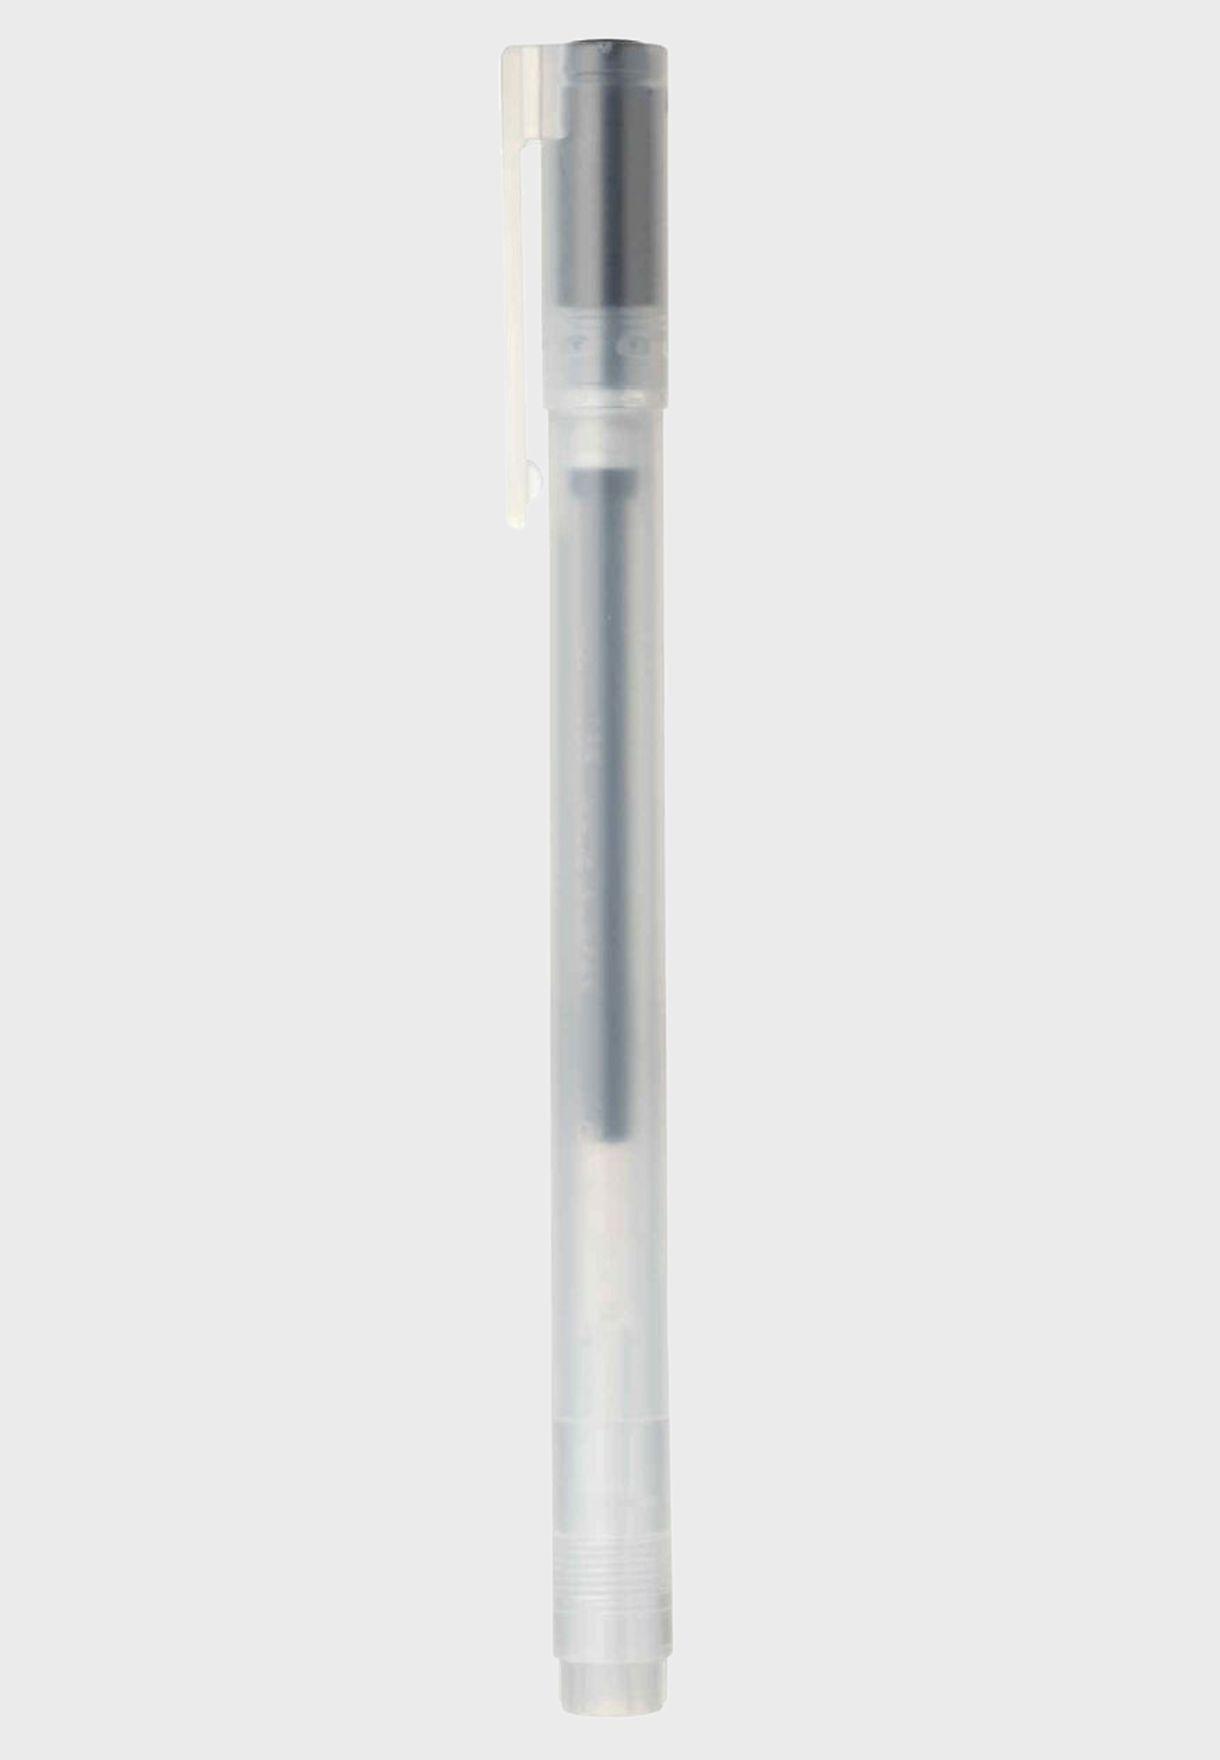 Gel Ink Ballpoint Pen Cap Type 0.38